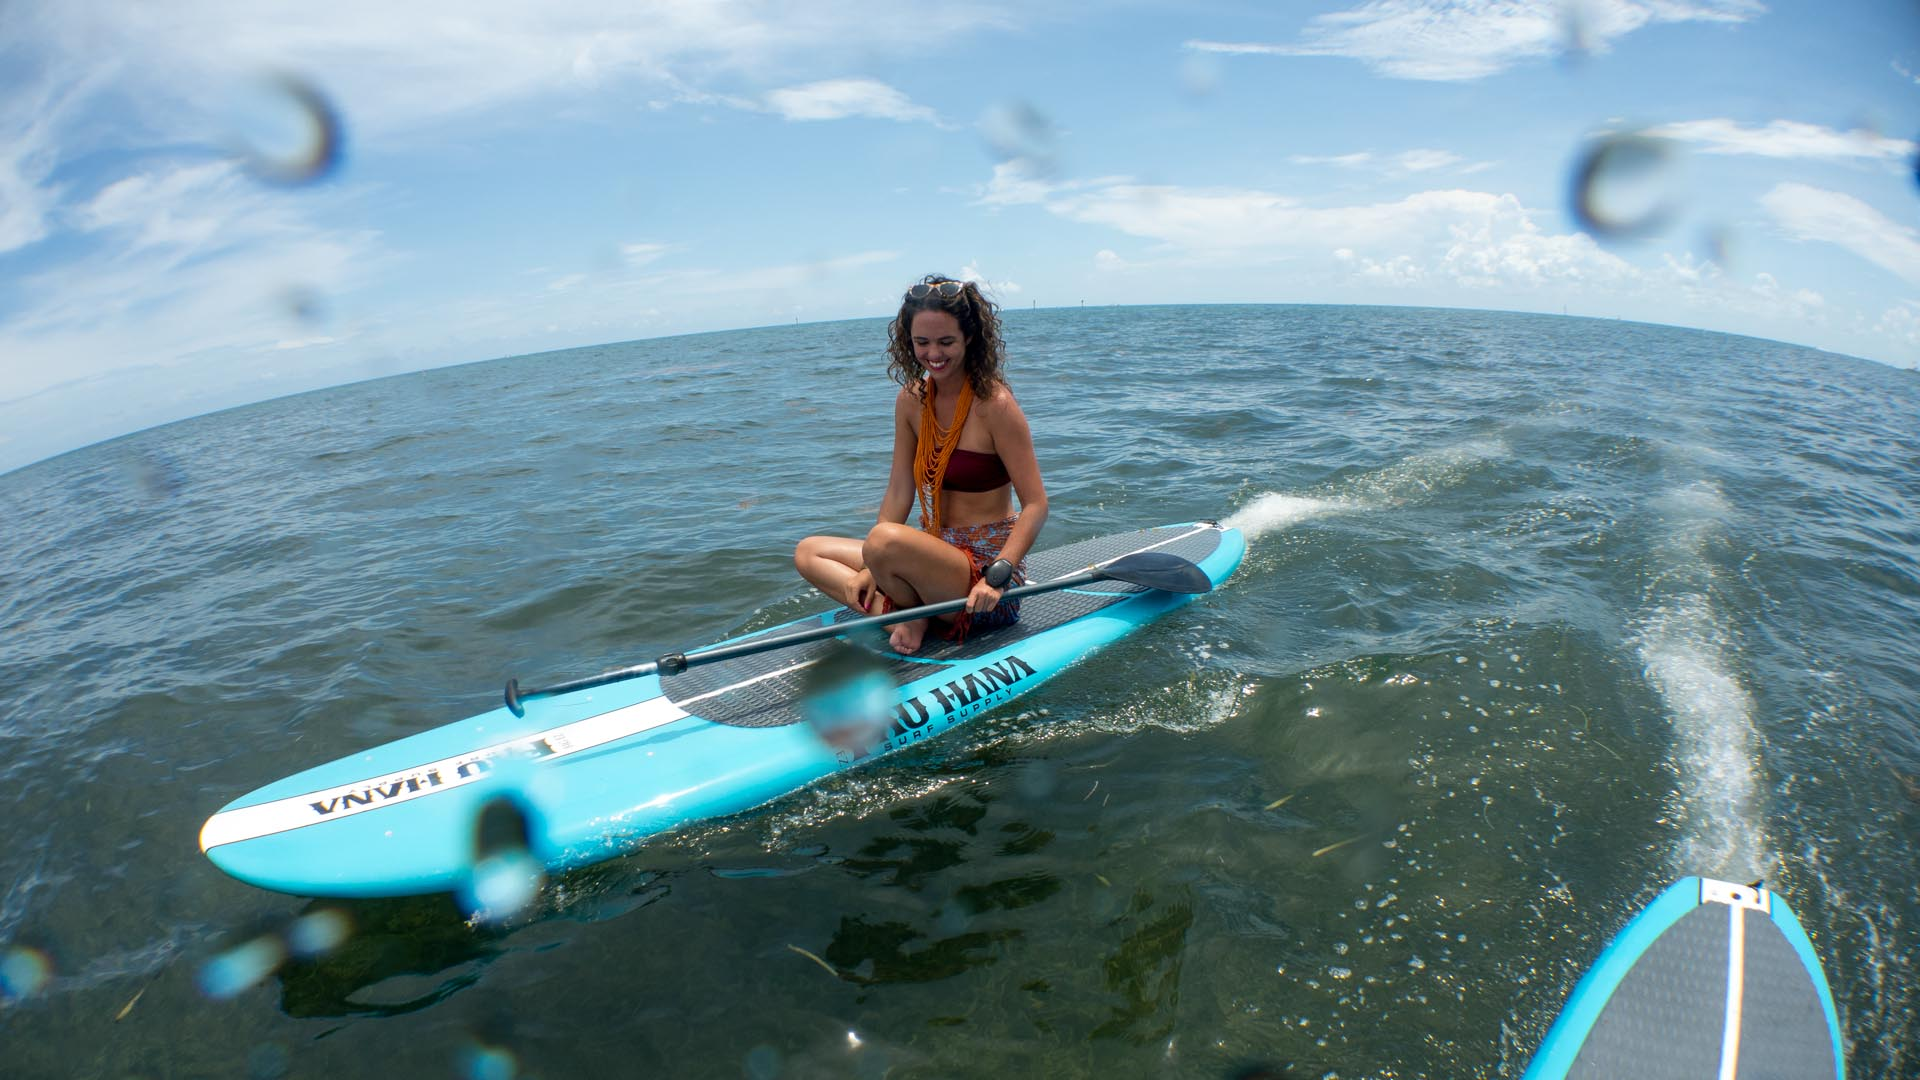 Descuentos West y Coupons- para deportes acuáticos, lugares, hoteles, restaurantes y mucho más!